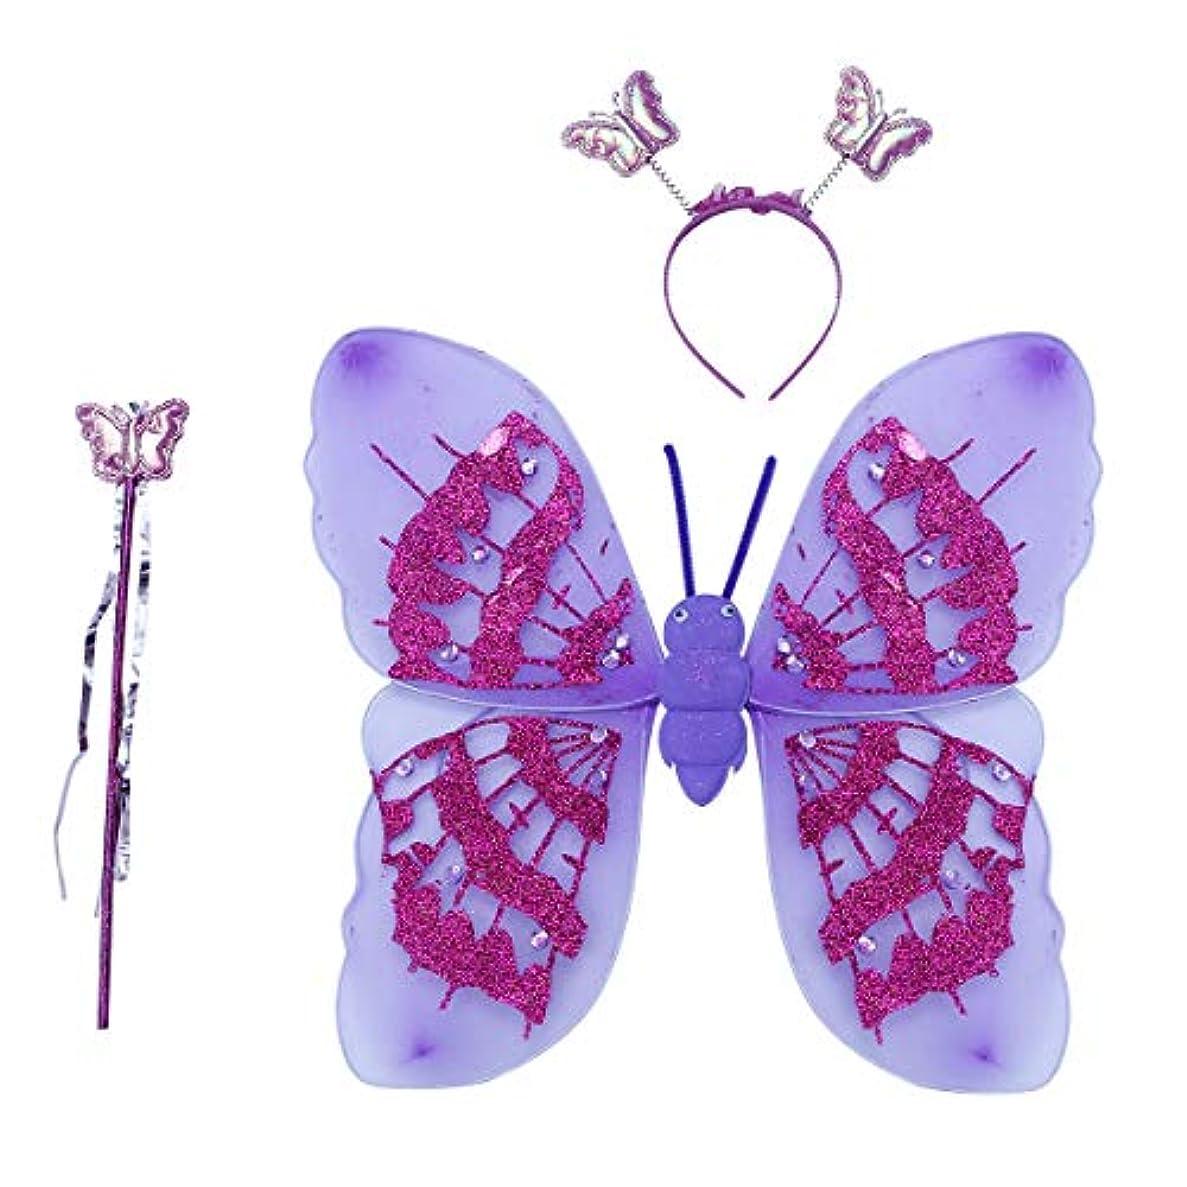 ルアーショートカット備品BESTOYARD ガールズフェアリーバタフライウィングスコスチュームヘアバンドフェアリーワンドパフォーマンスコスチュームセットパーティーコスチュームセット(3pcs、Purple)